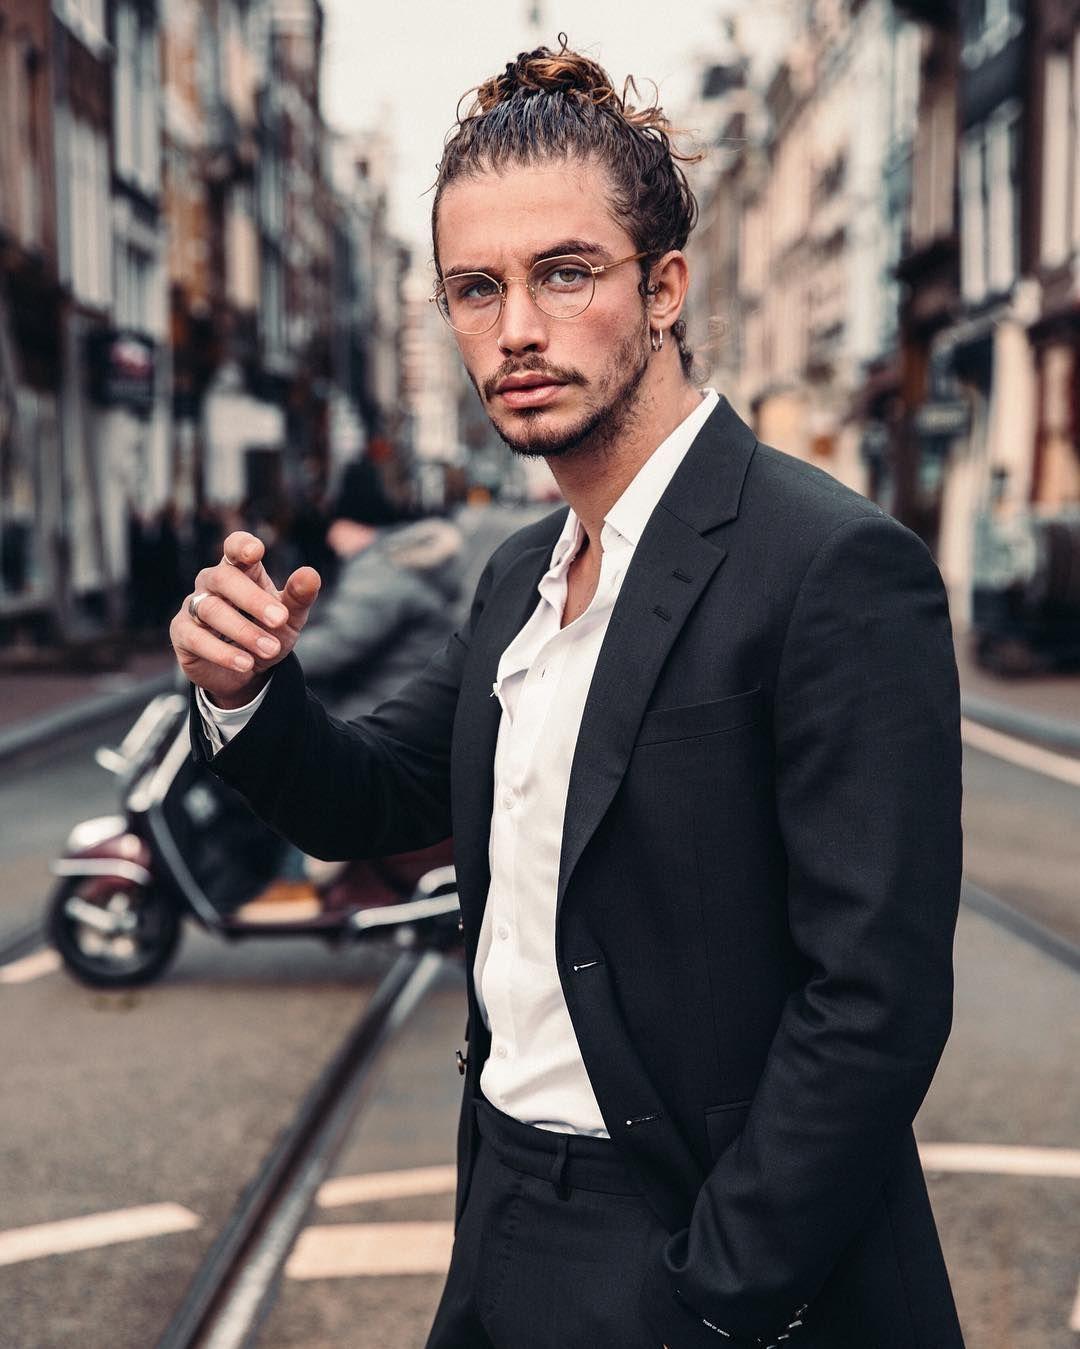 Giarogiarratana Curly Hair Inspiration Men With Curly Hair Curly Hair For Men Long Curly Long Curly Hair Men Man Bun Curly Hair Long Hair Styles Men